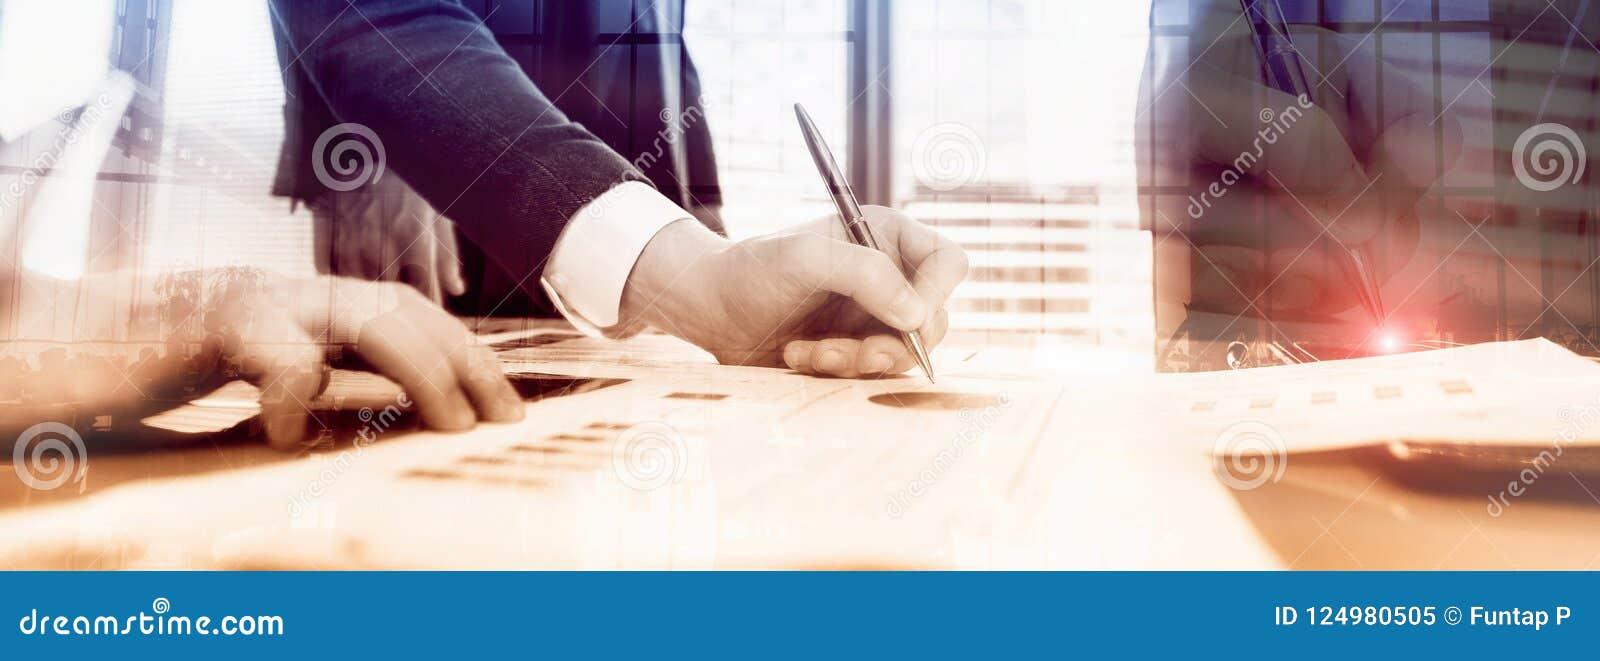 De zakenlieden bespreken zaken De zakenlieden ondertekenen een contract